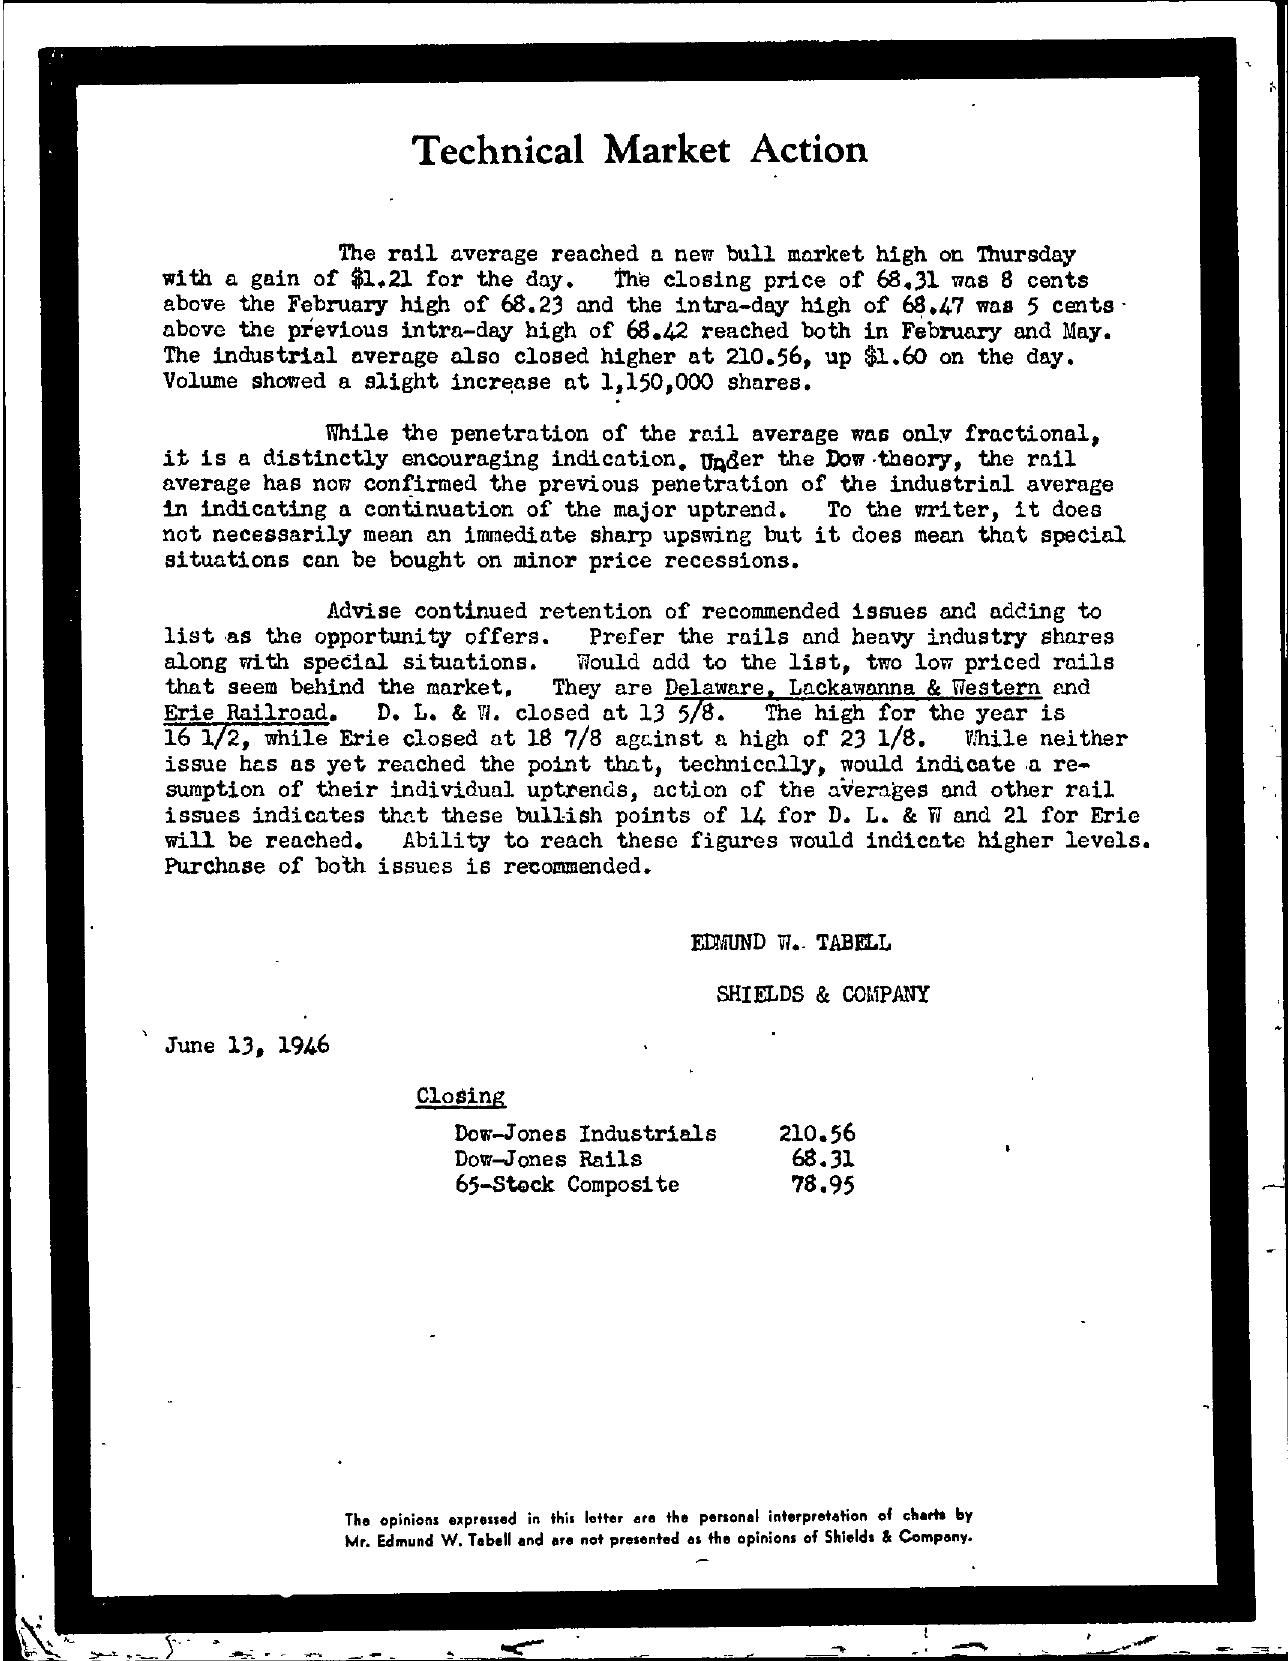 Tabell's Market Letter - June 13, 1946